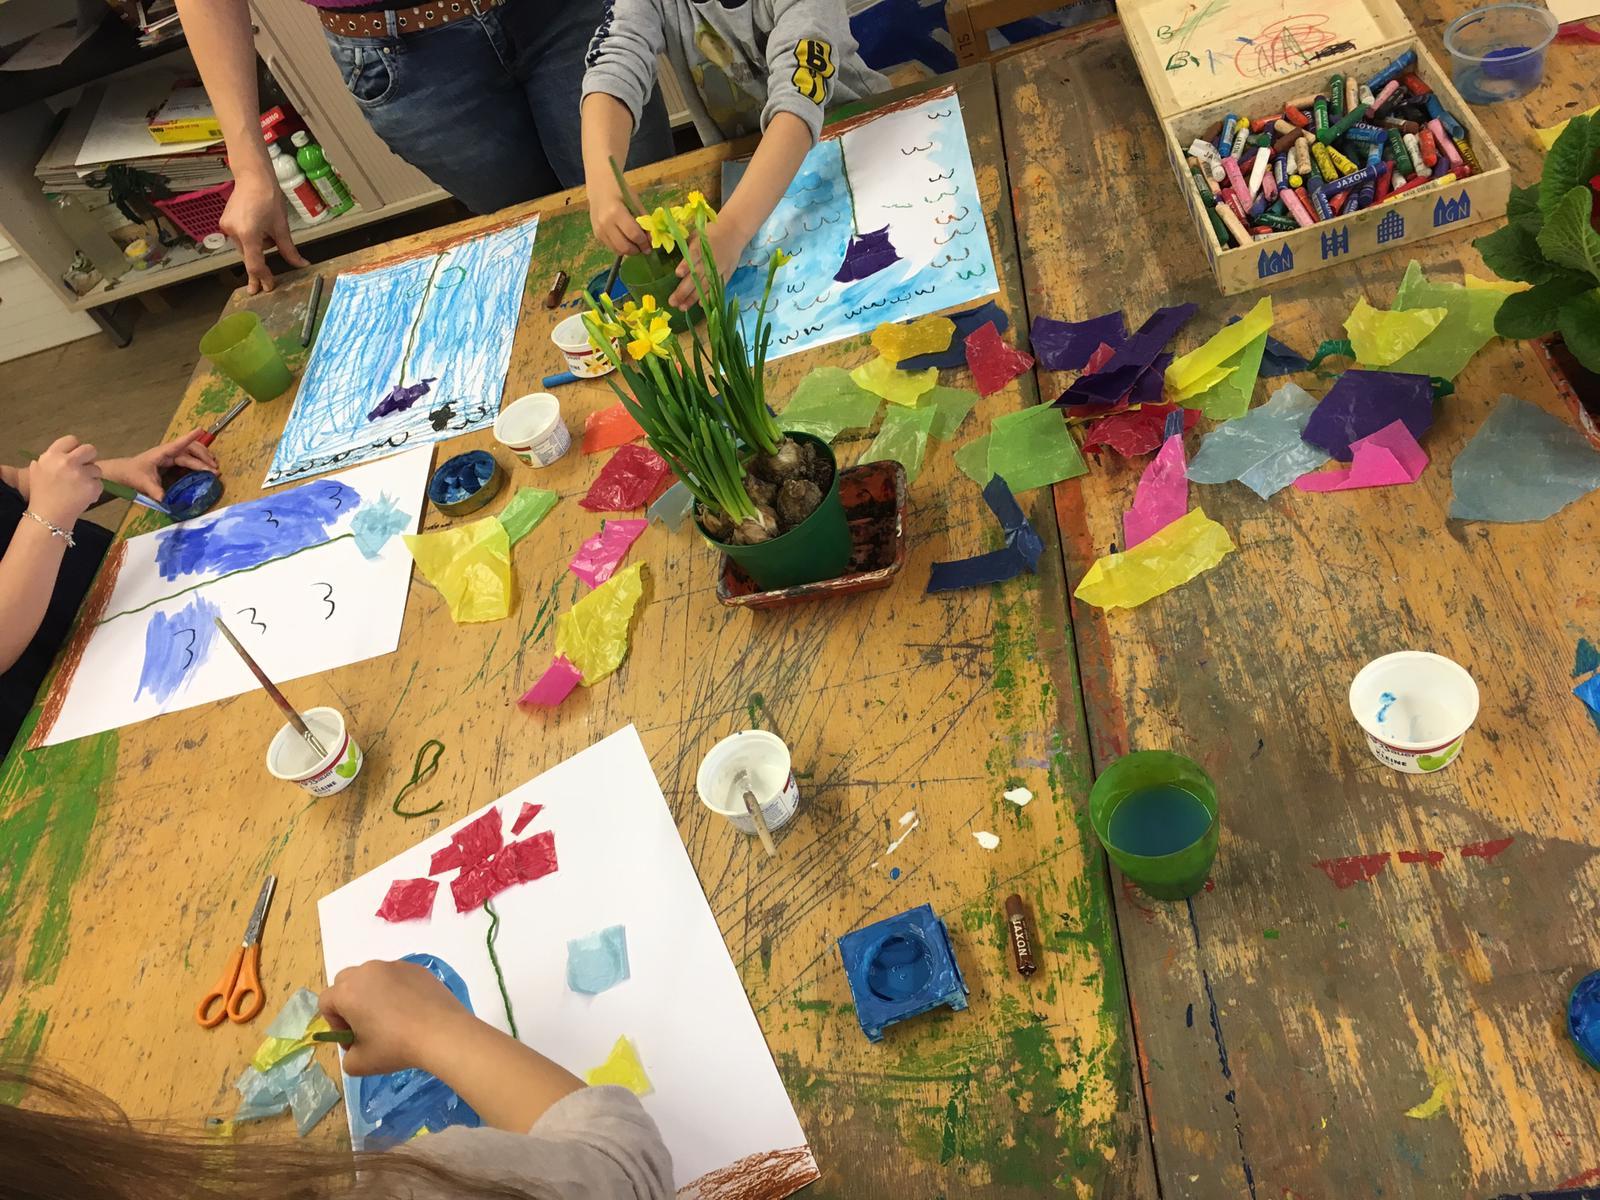 Die LichtwarkSchule- Starke Kinder durch Kunst; Foto Samya Alvarez